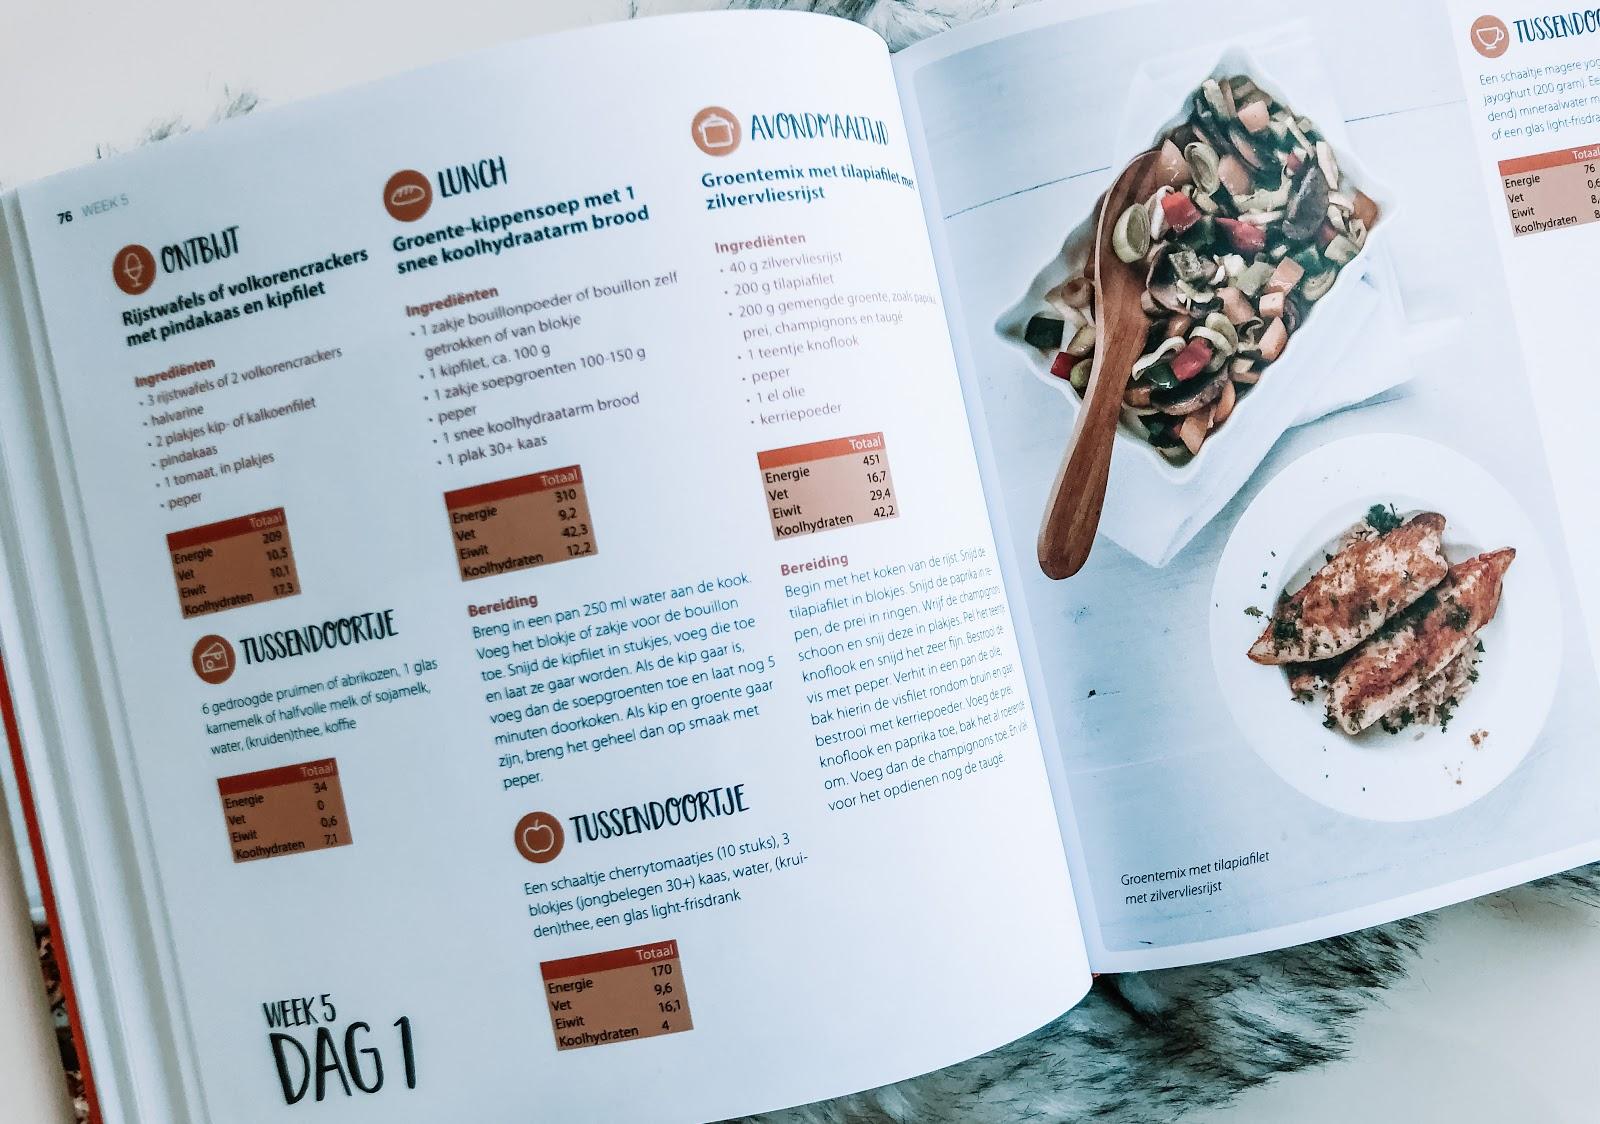 Boek: Gezond op gewicht met lekker eten!